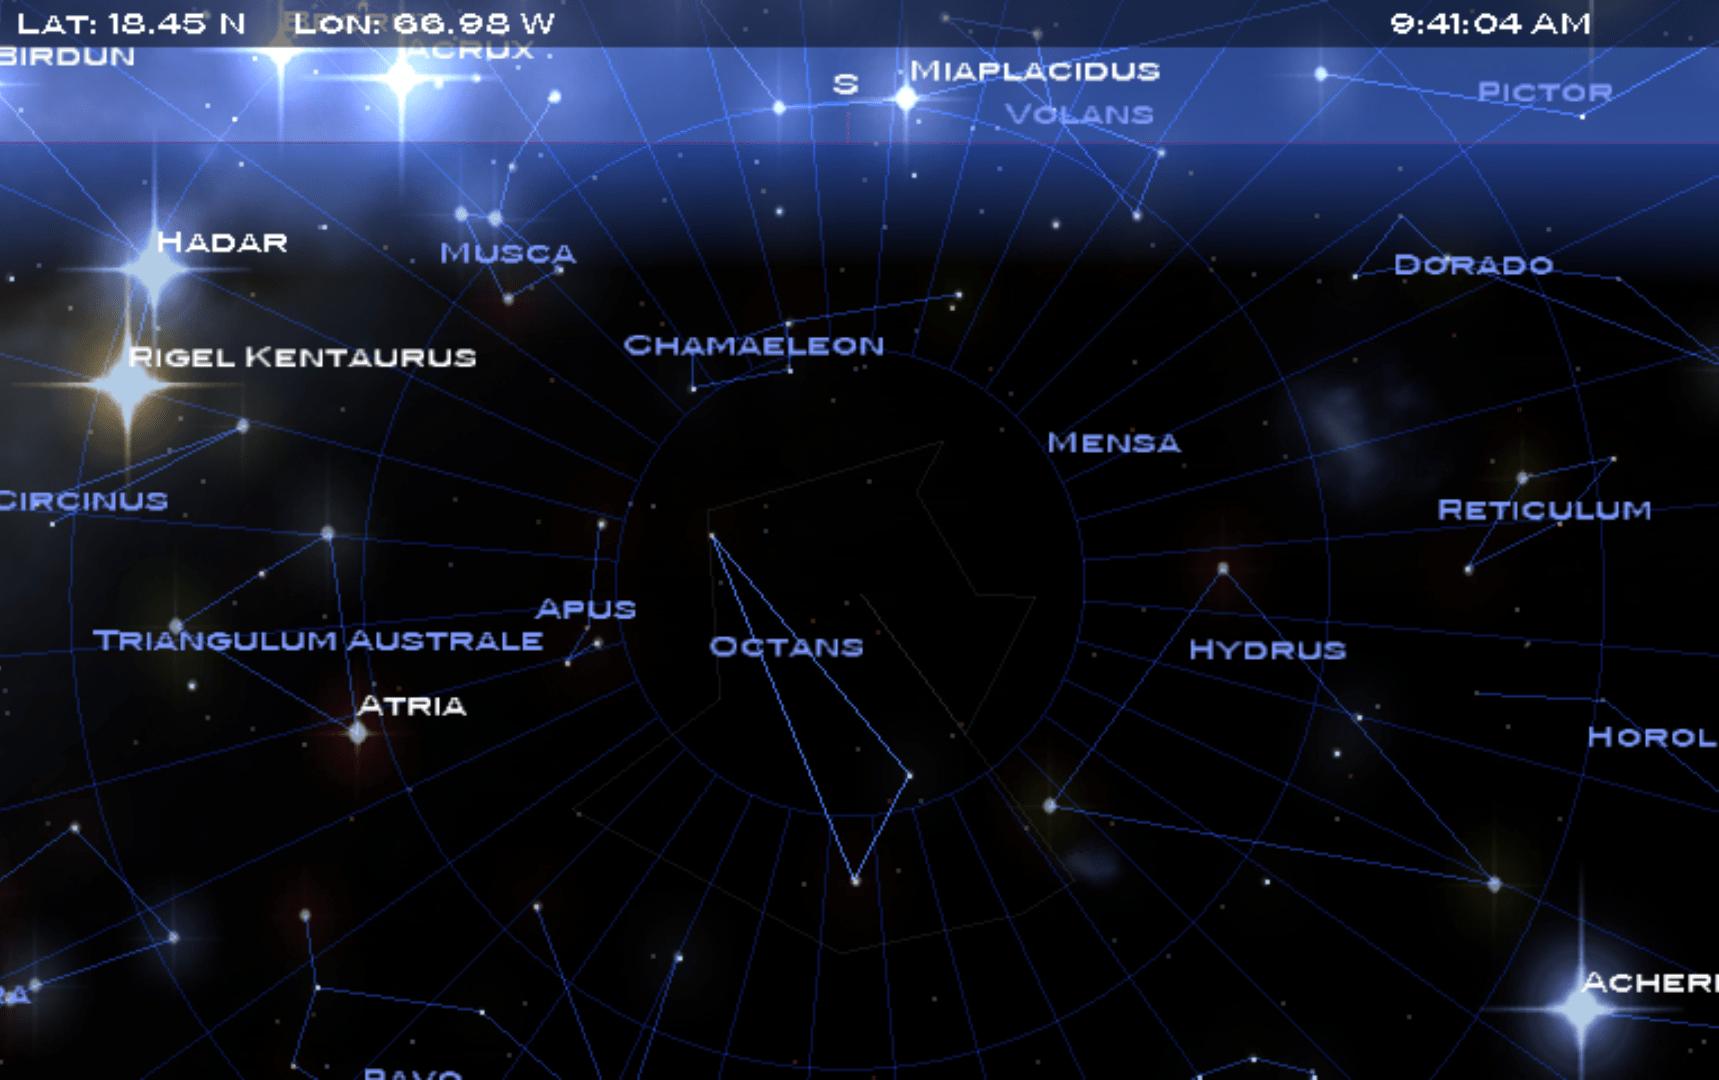 La constelación de Octante es imposible de ver desde Puerto Rico ni latitudes mayores de 0 grados.